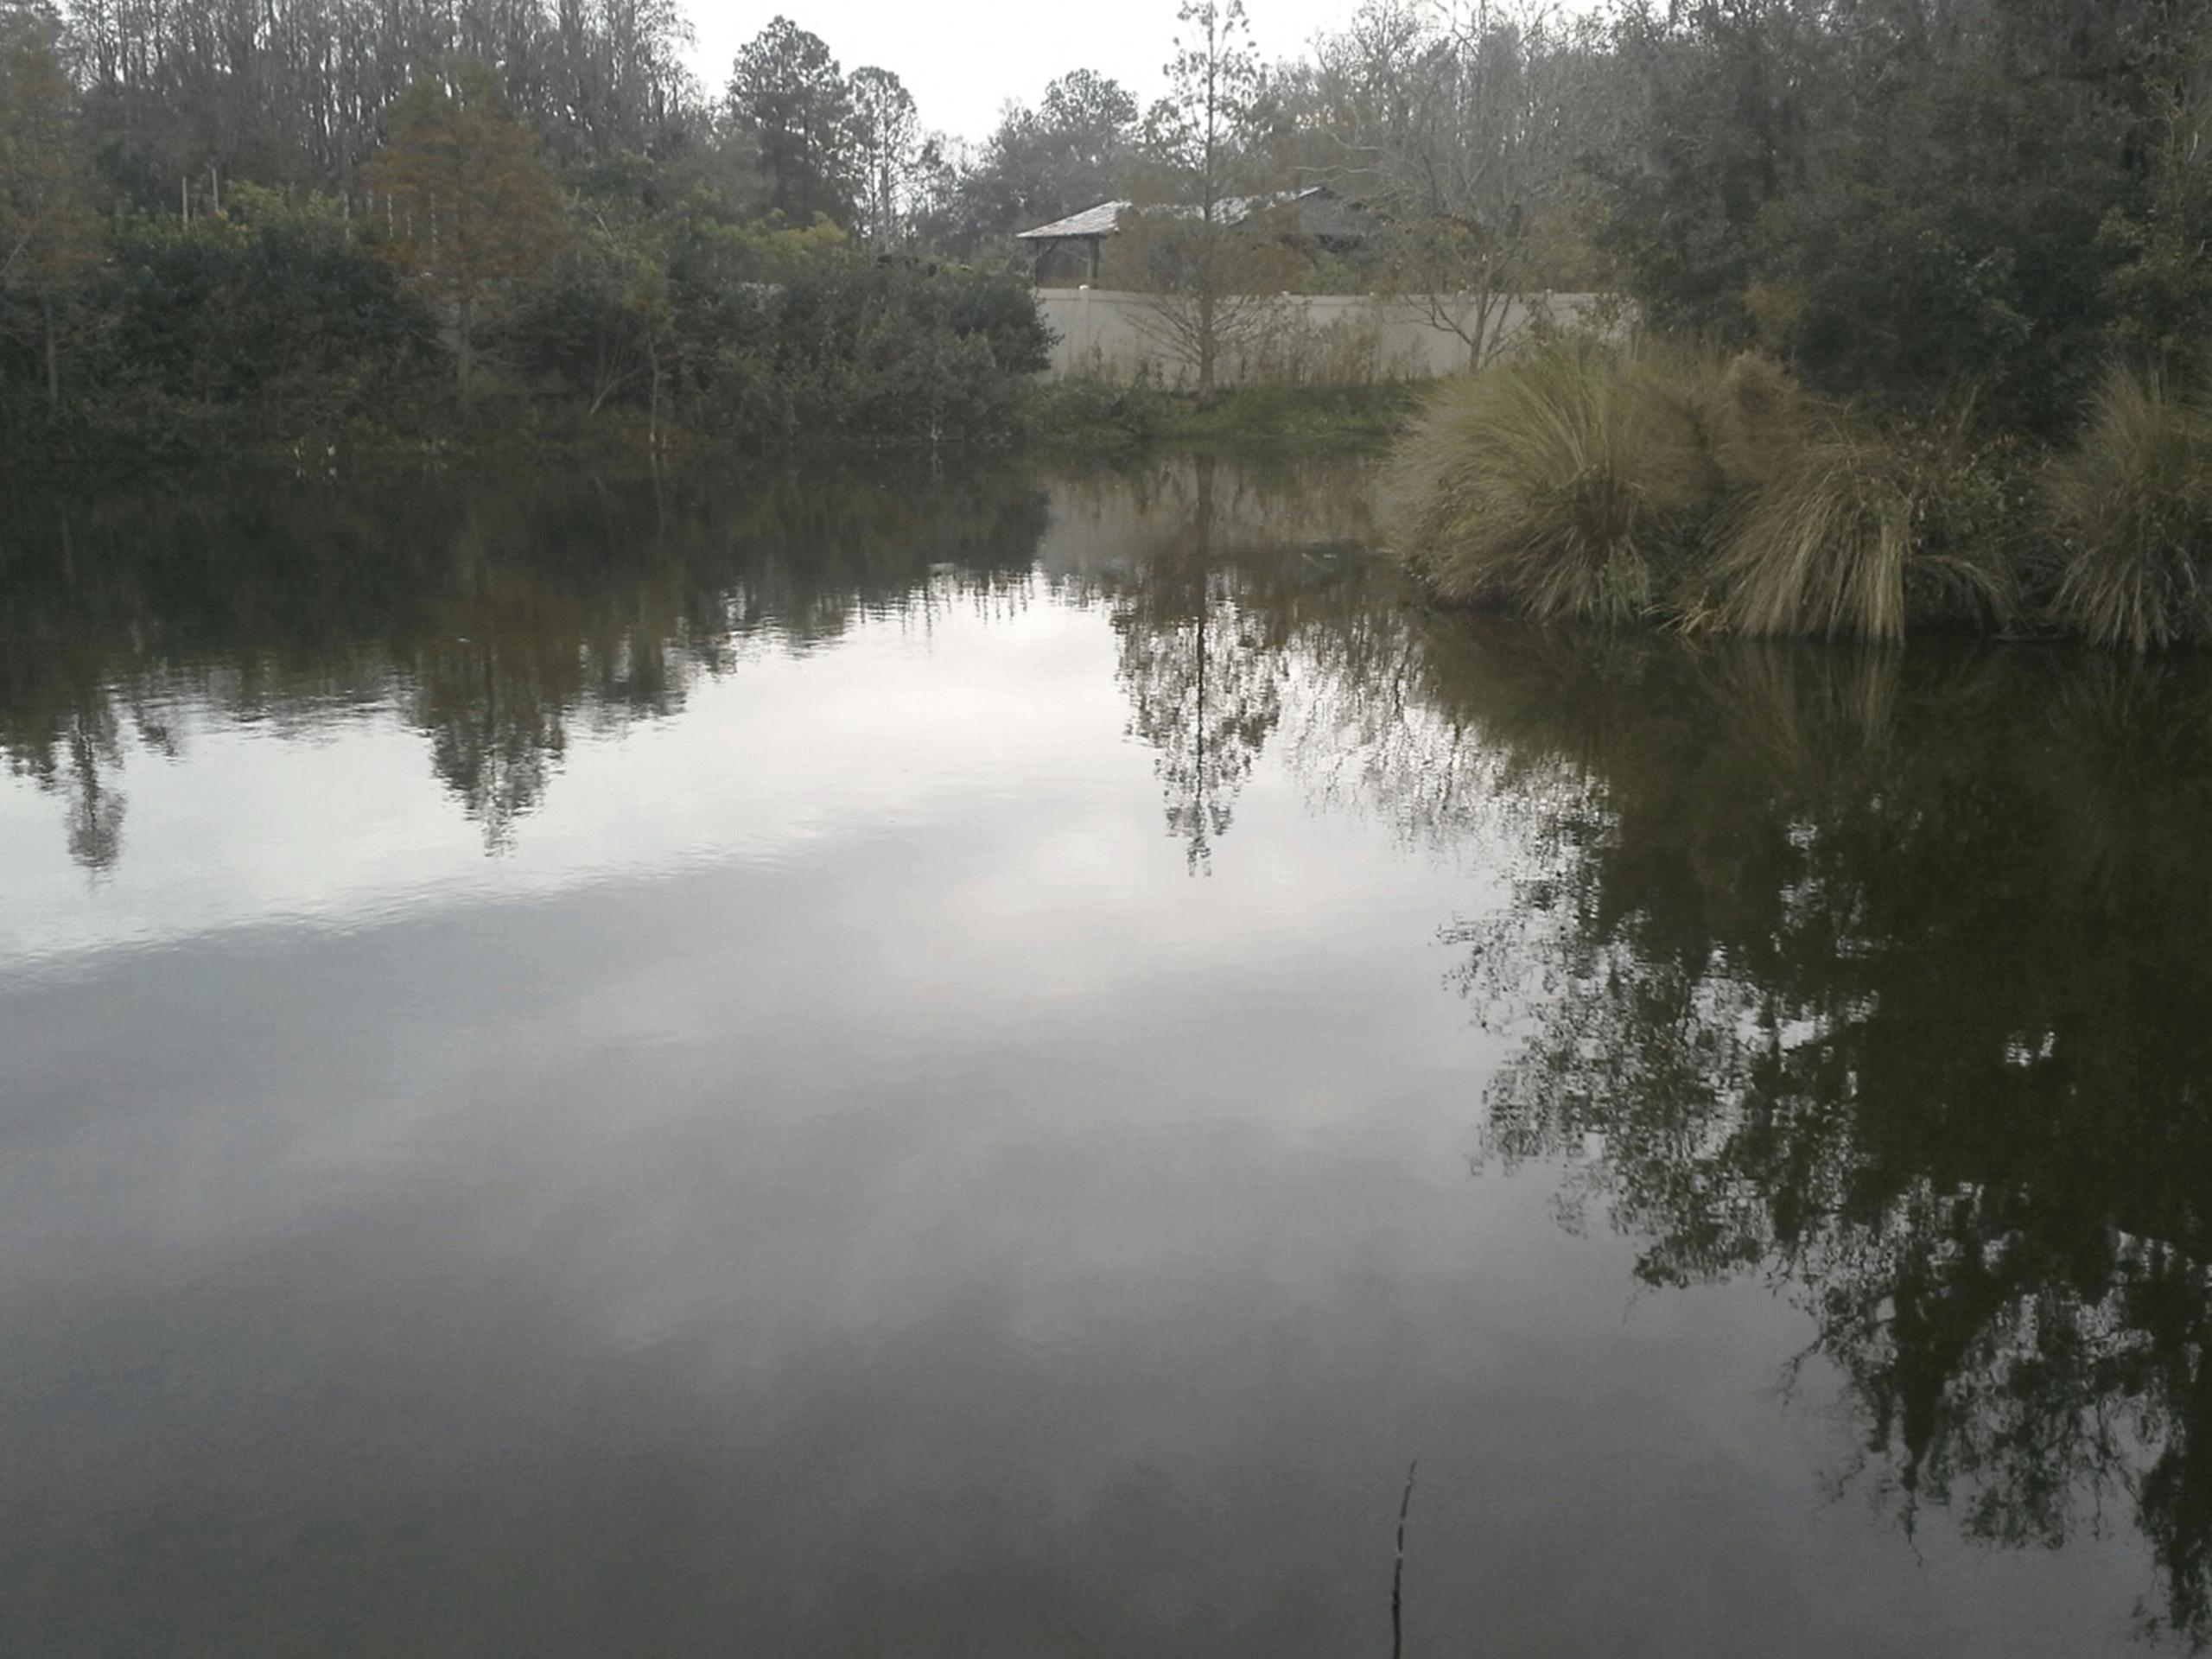 img-aquagenix-Carrollwood-Crossing-After